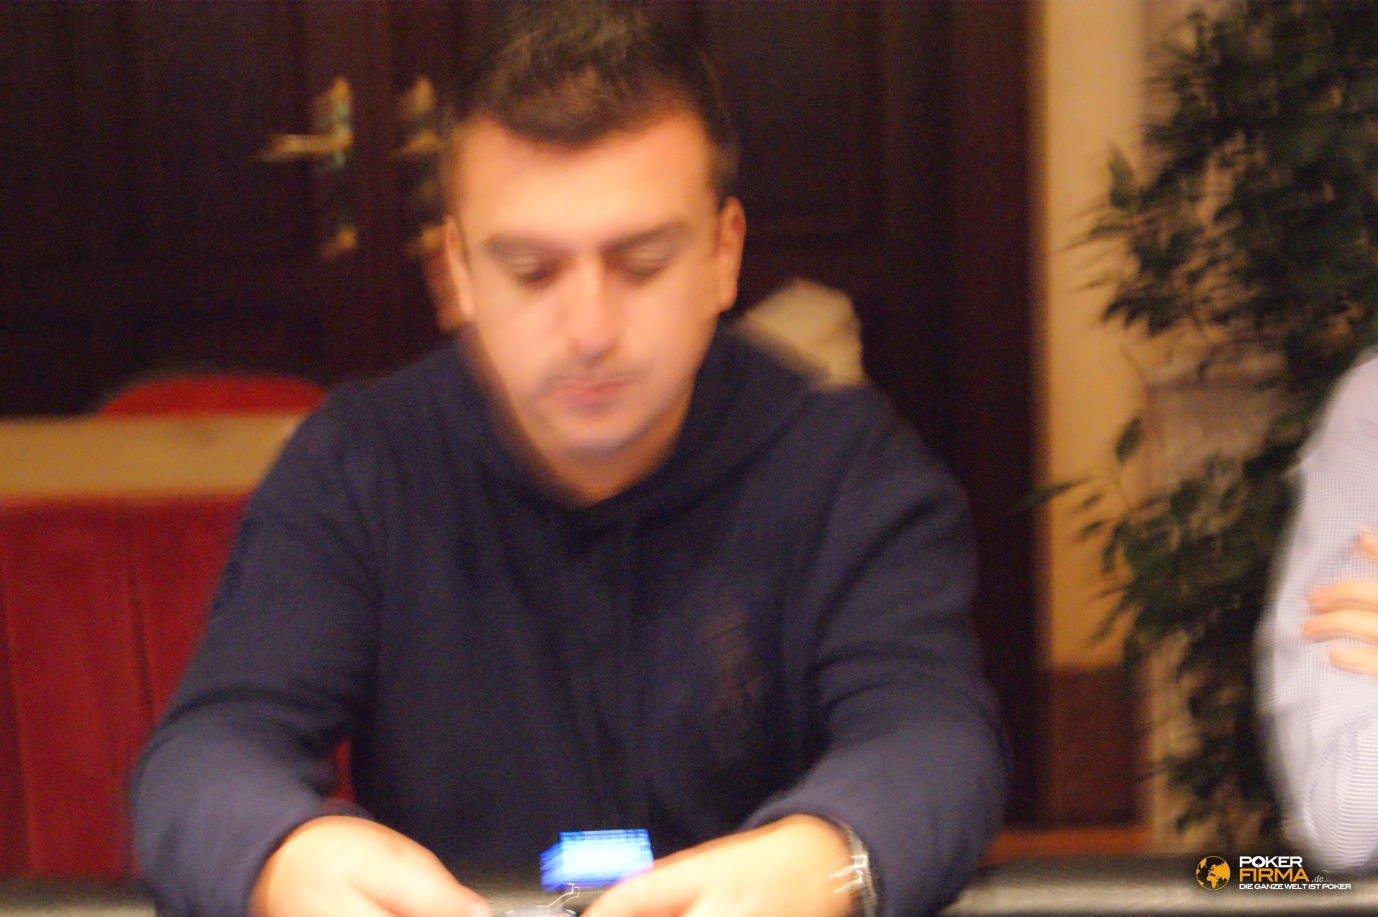 Poker_EM_2000_NLH_251011_Mihai_Manole